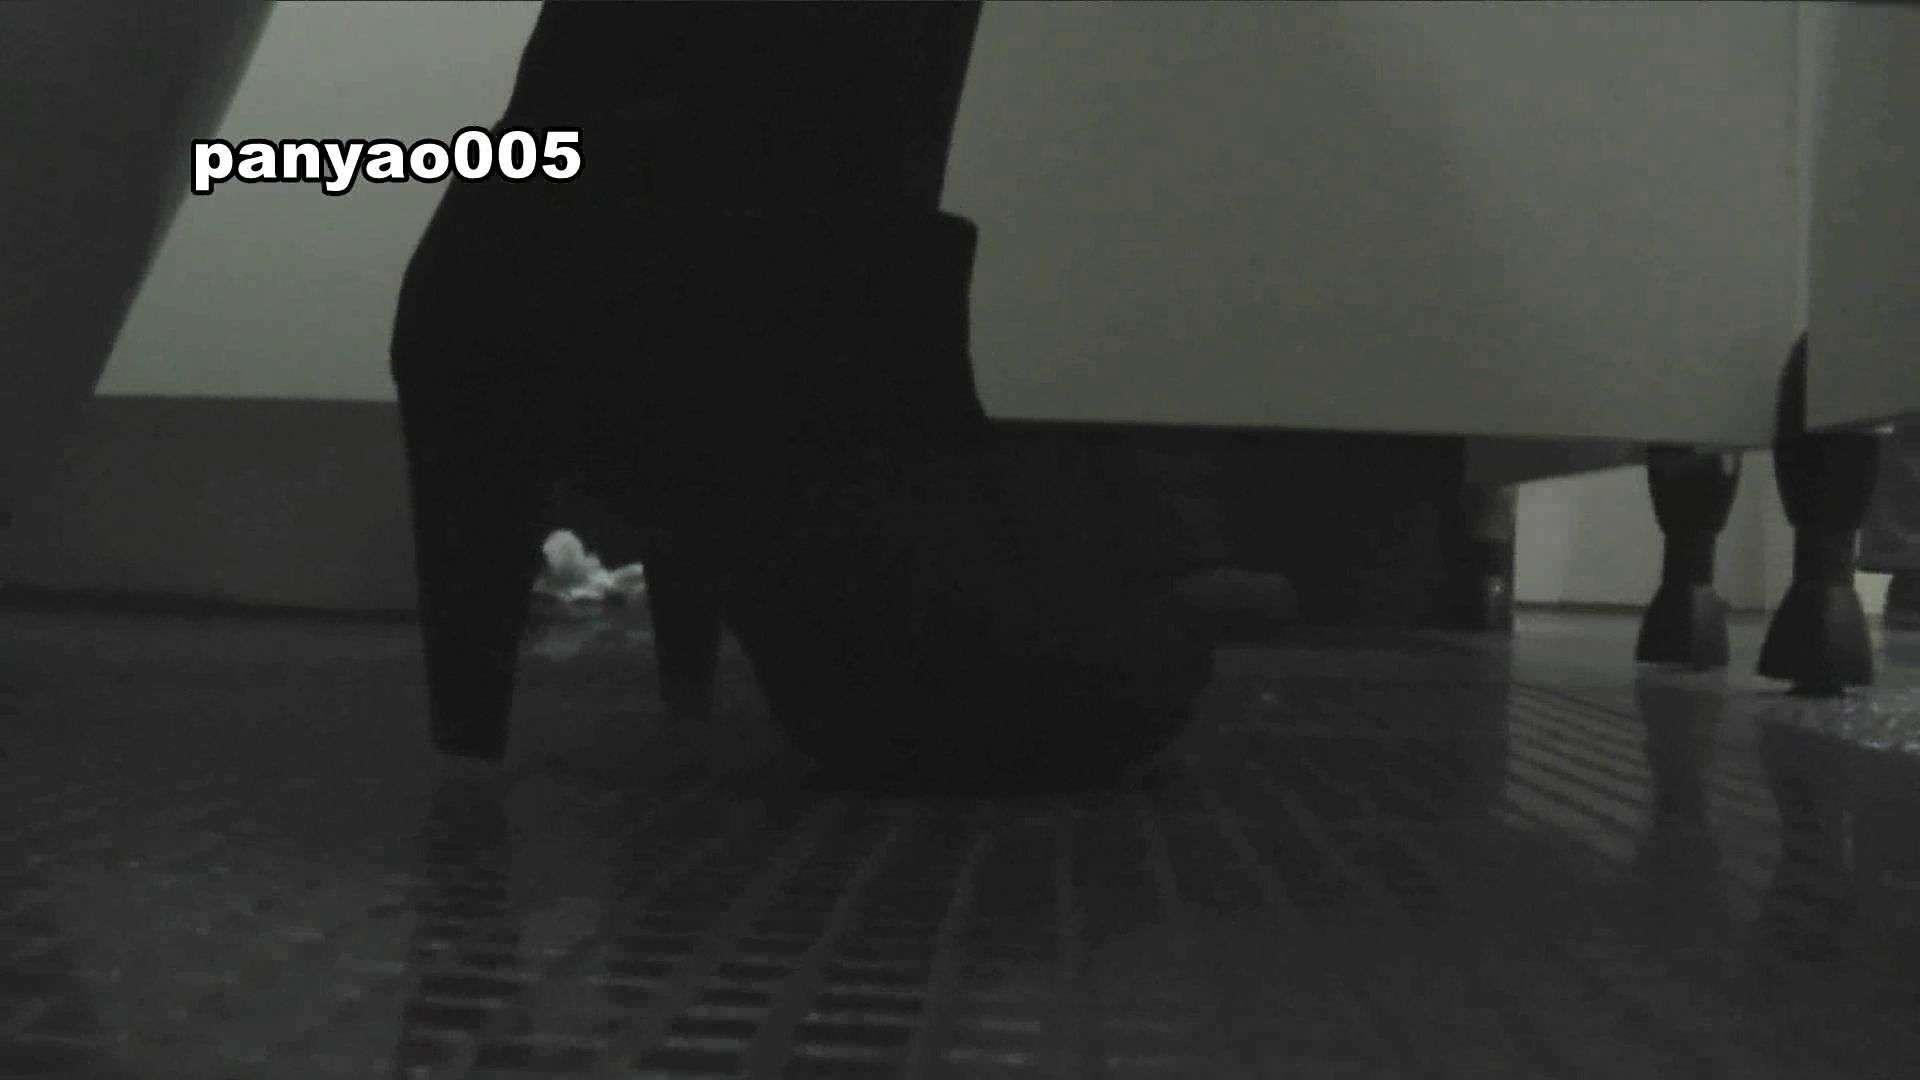 日本成人用品展览会。vol.05 そんな格好で… 潜入突撃 | 着替え  96pic 49